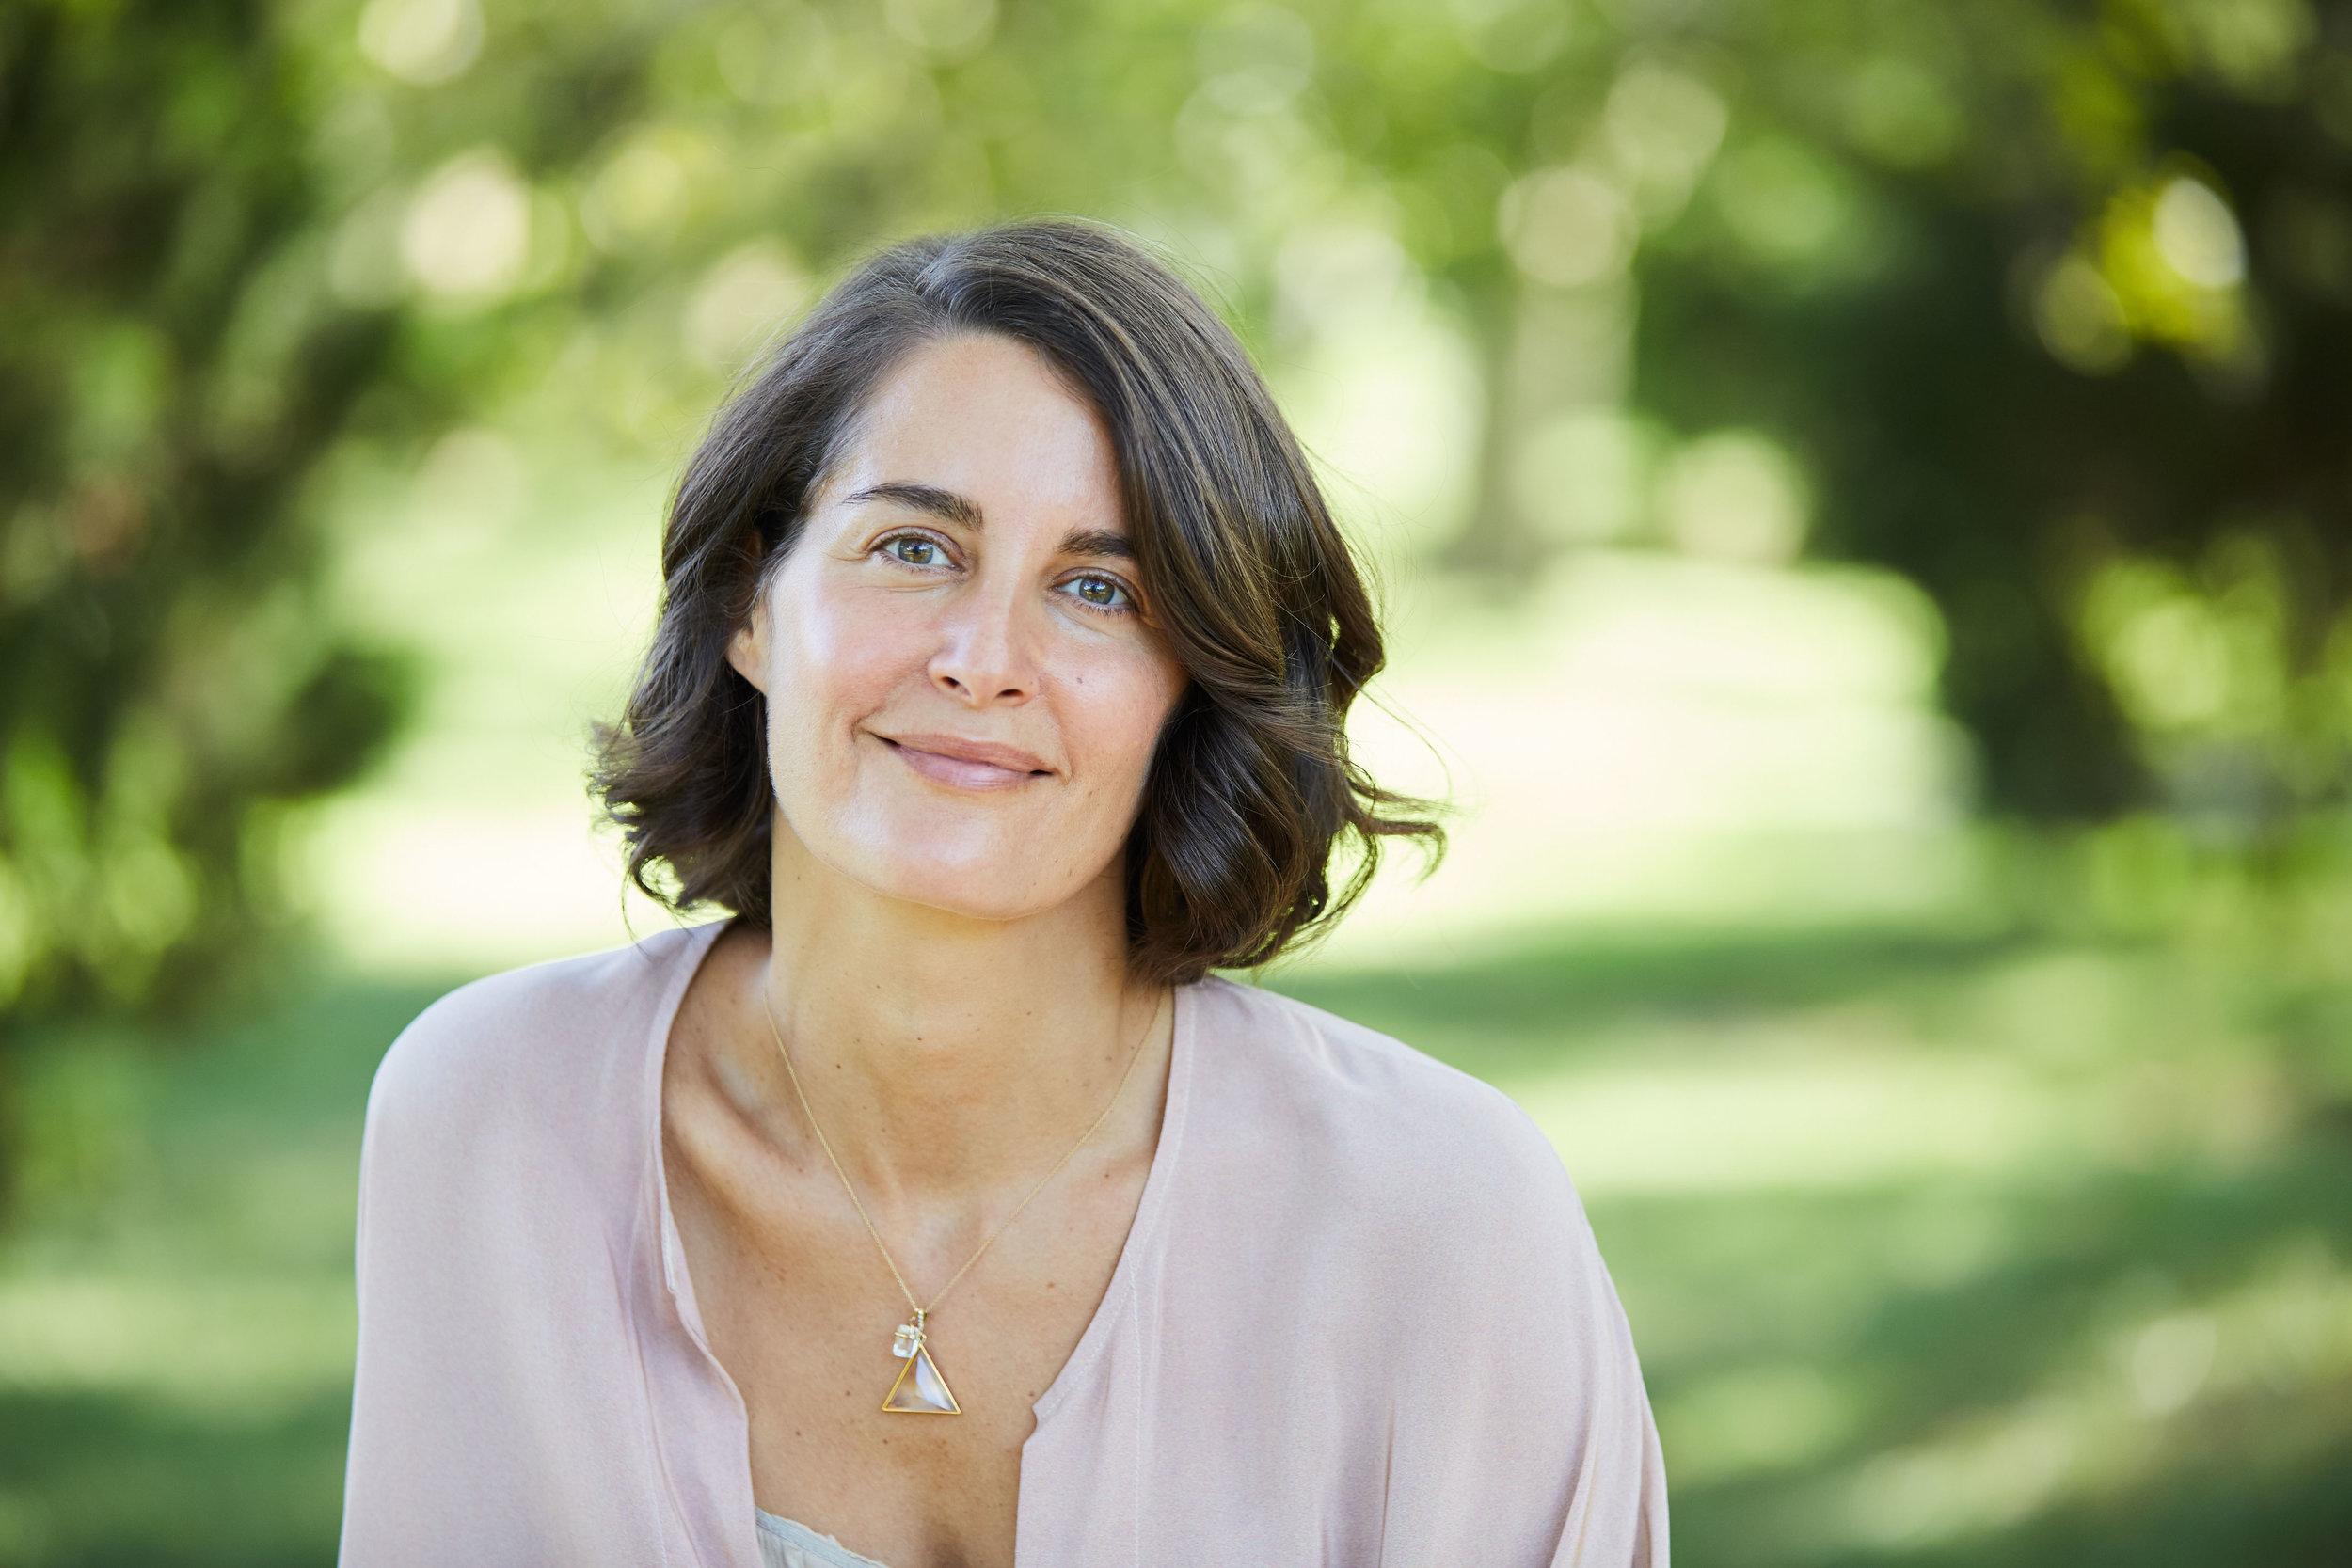 Elena Brower   teacher, author &creator of Teach.yoga